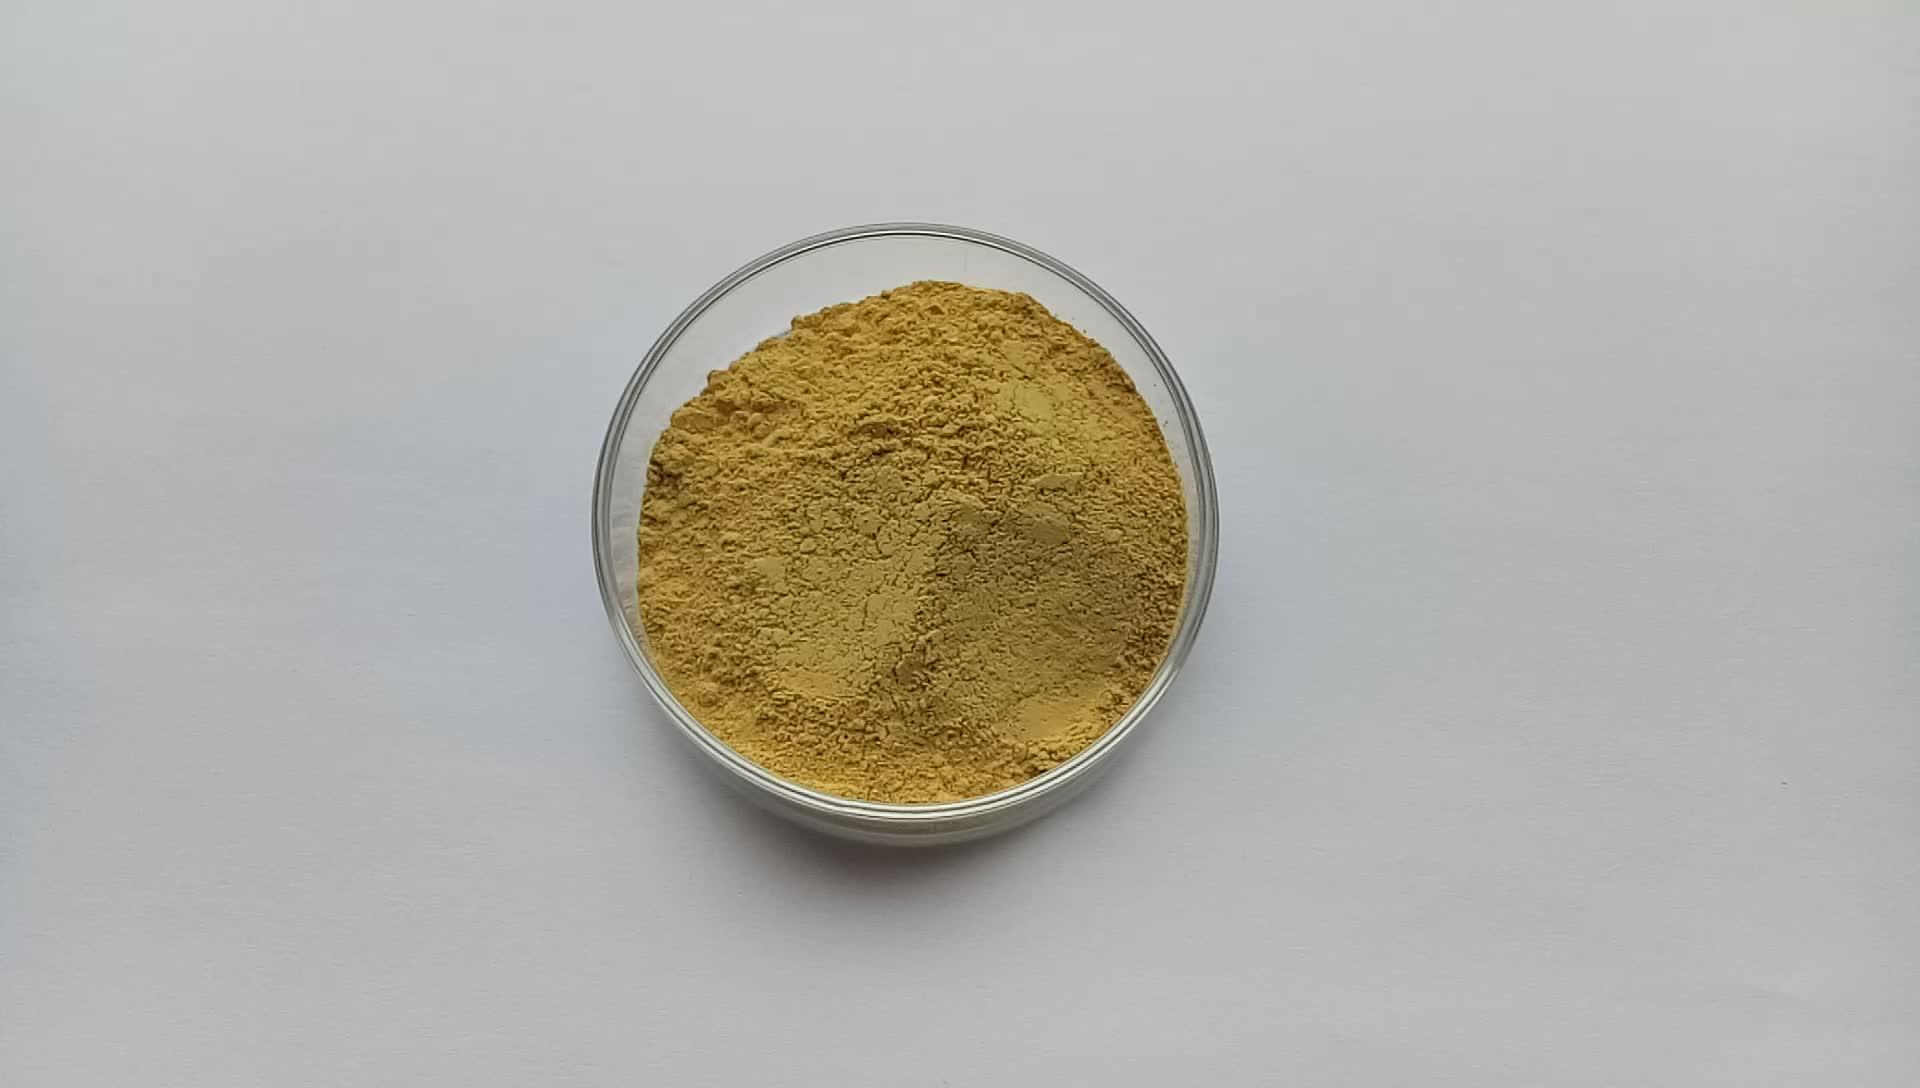 高品質の有機蜂プロポリス乾燥エキス